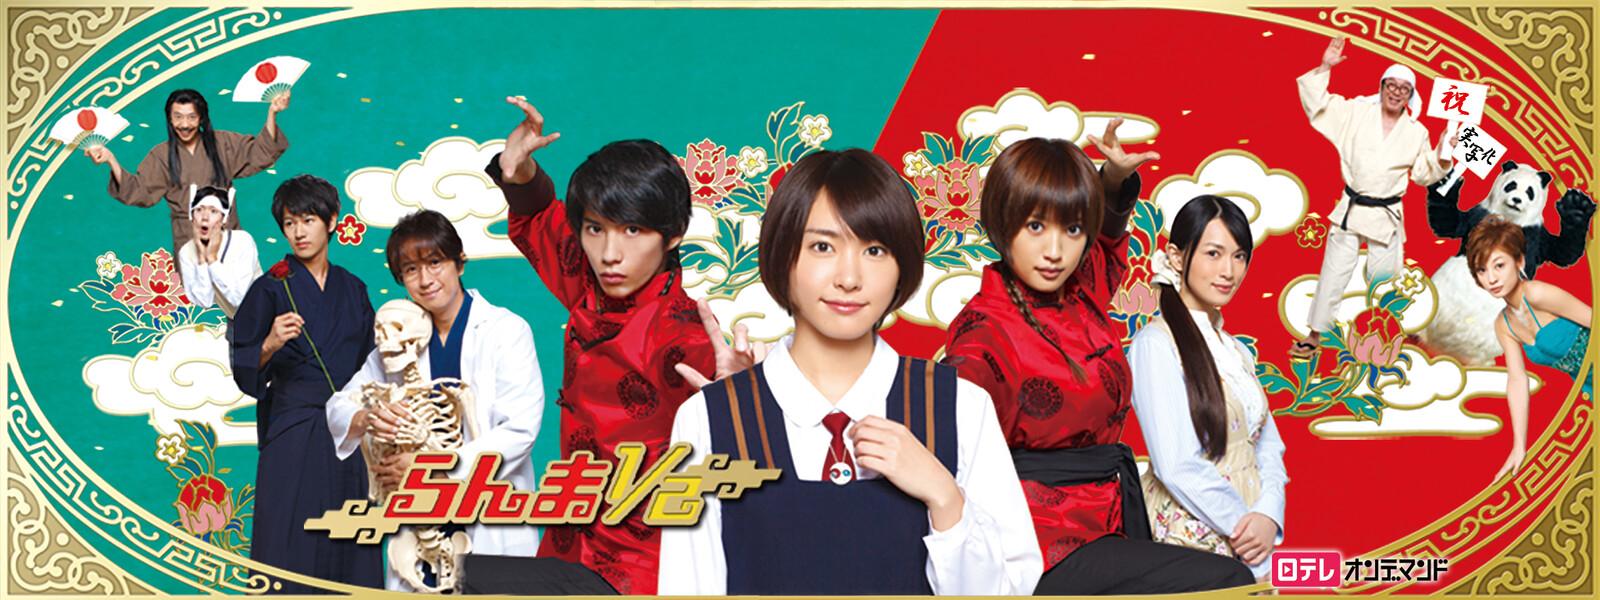 らんま1/2 (ドラマ) が見放題! | Hulu(フールー) 【お試し無料】